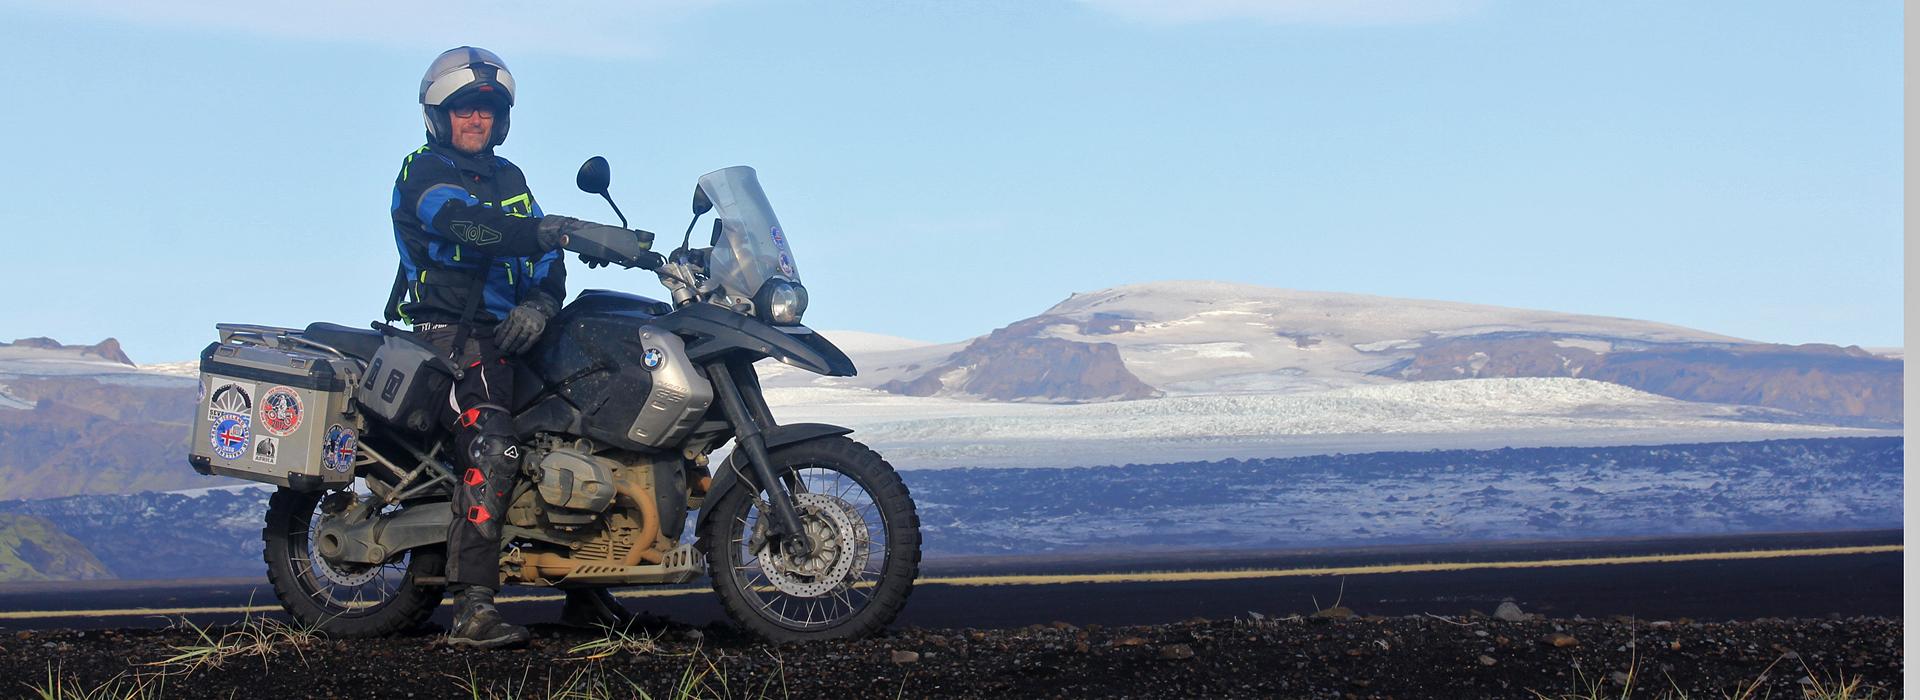 IJslandkenner Paul Duijf op de motor in IJsland aan de voet van de Vatnajokull